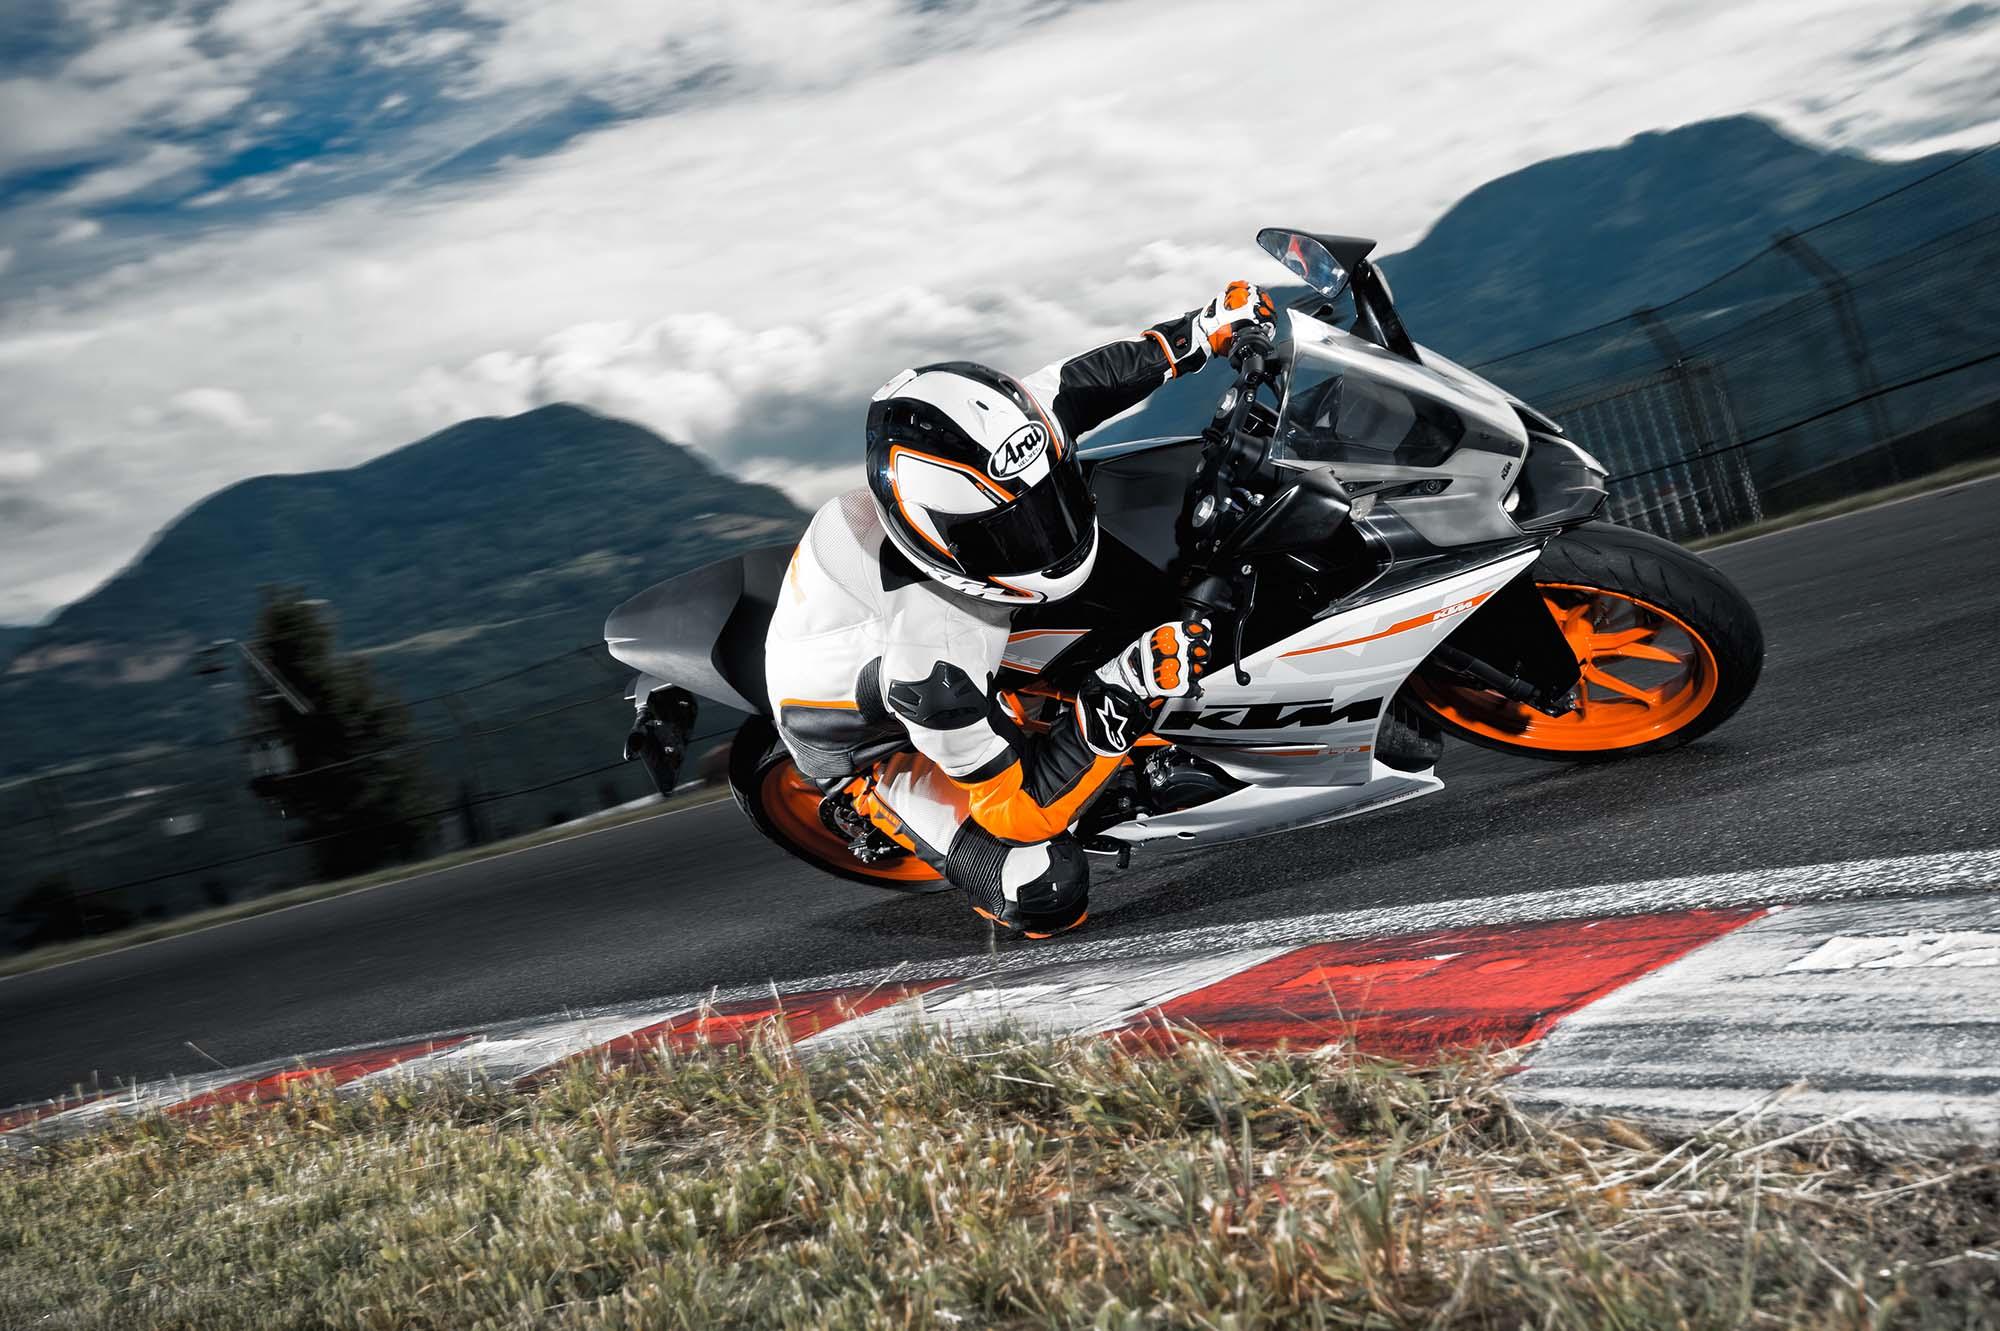 Ktm Rc Motorcycle Usa